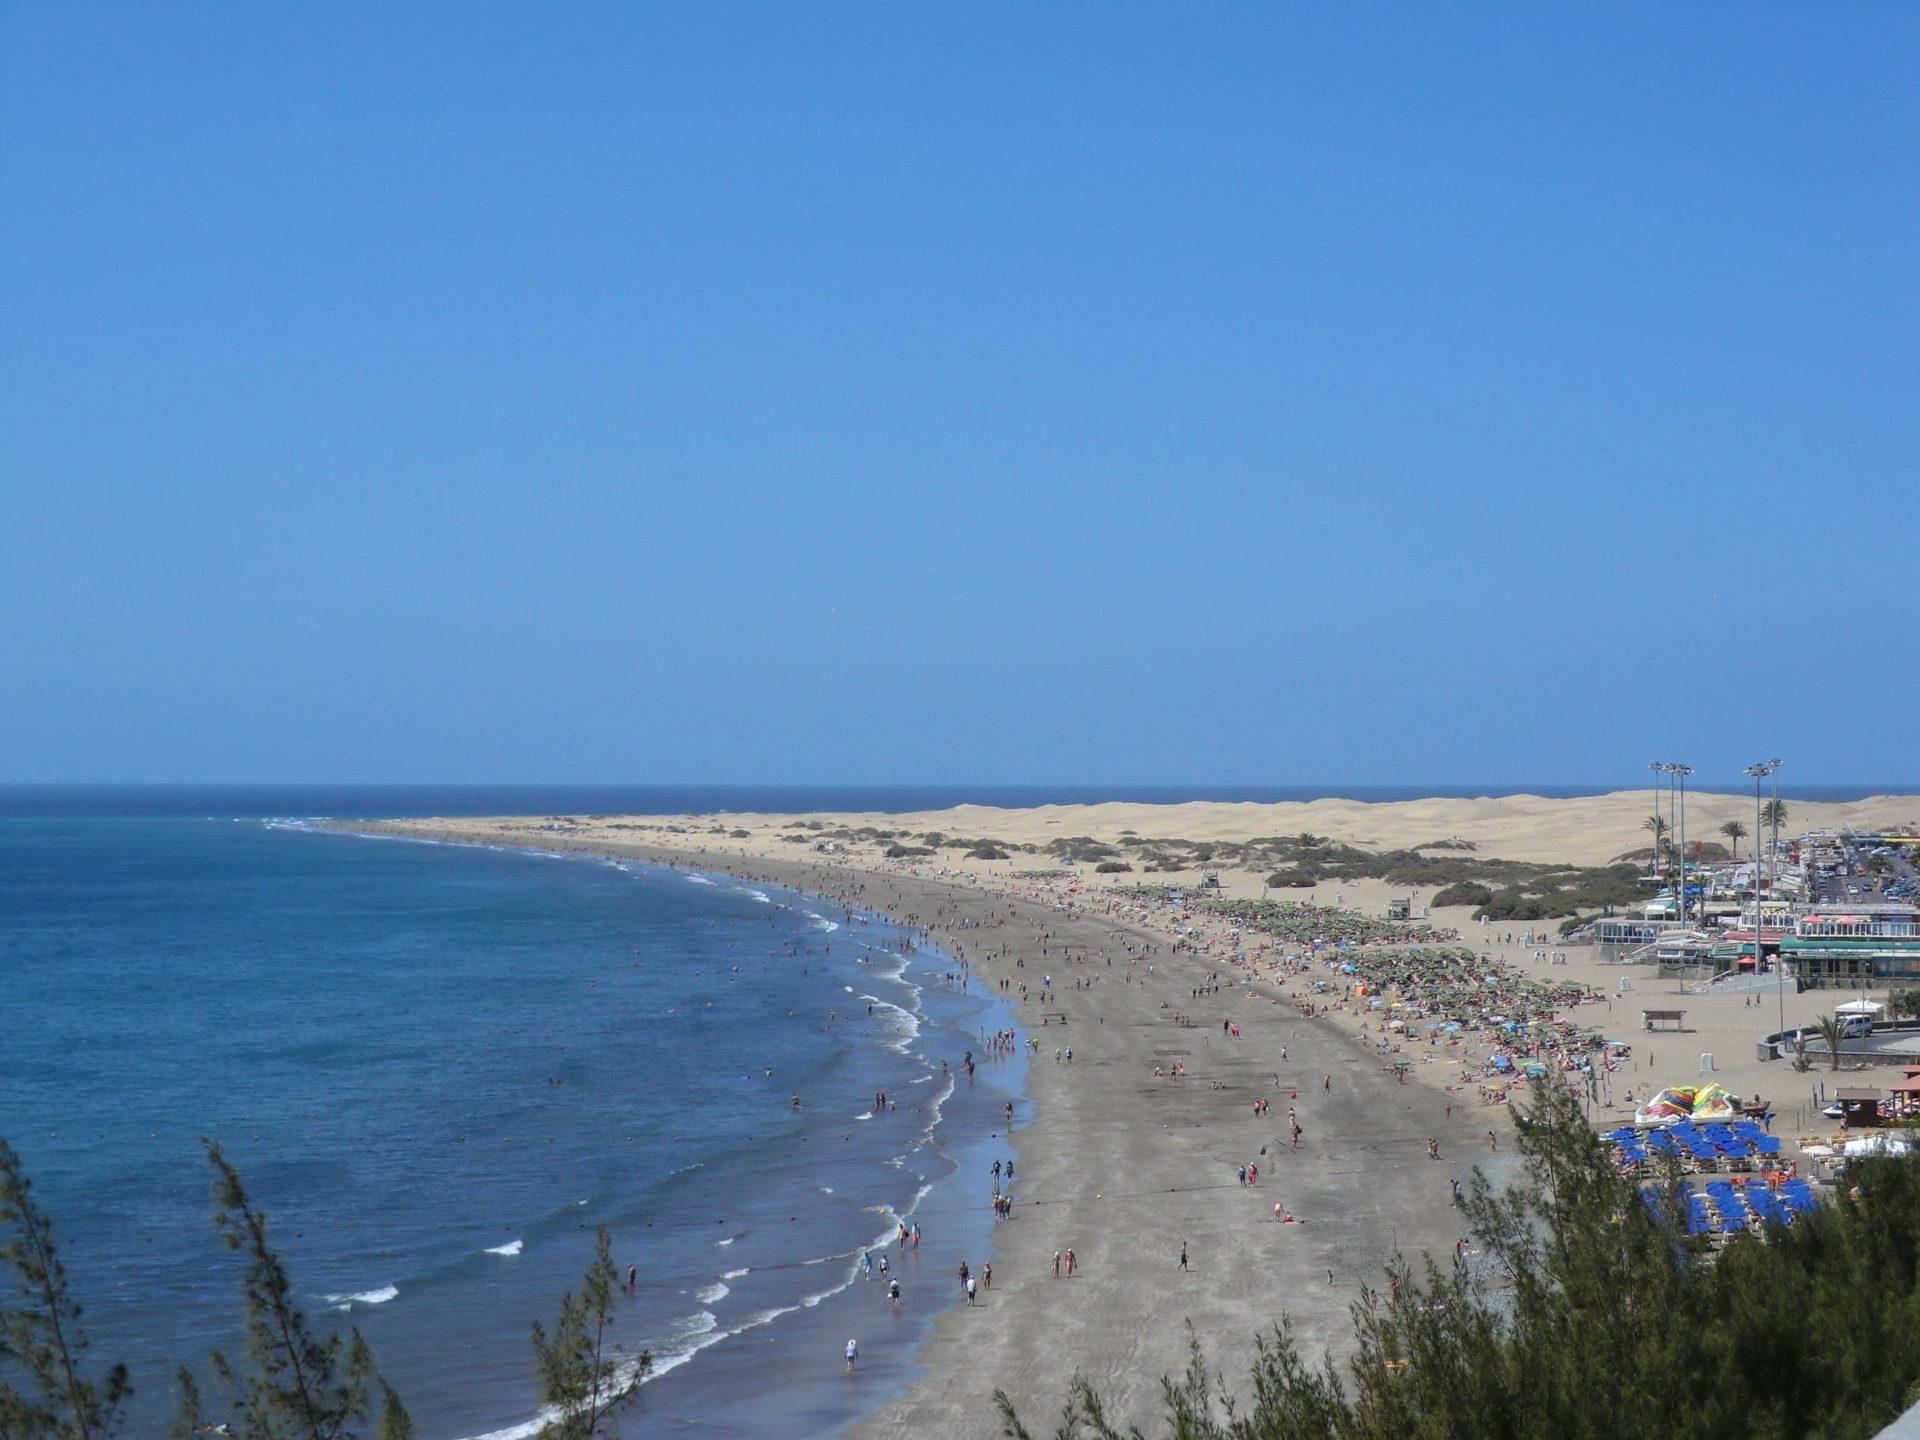 Wassertemperatur Playa del Ingles: Strand von Playa del Ingles, am Horizont der Strand El Veril, rechts daneben die Sanddünen von Maspalomas